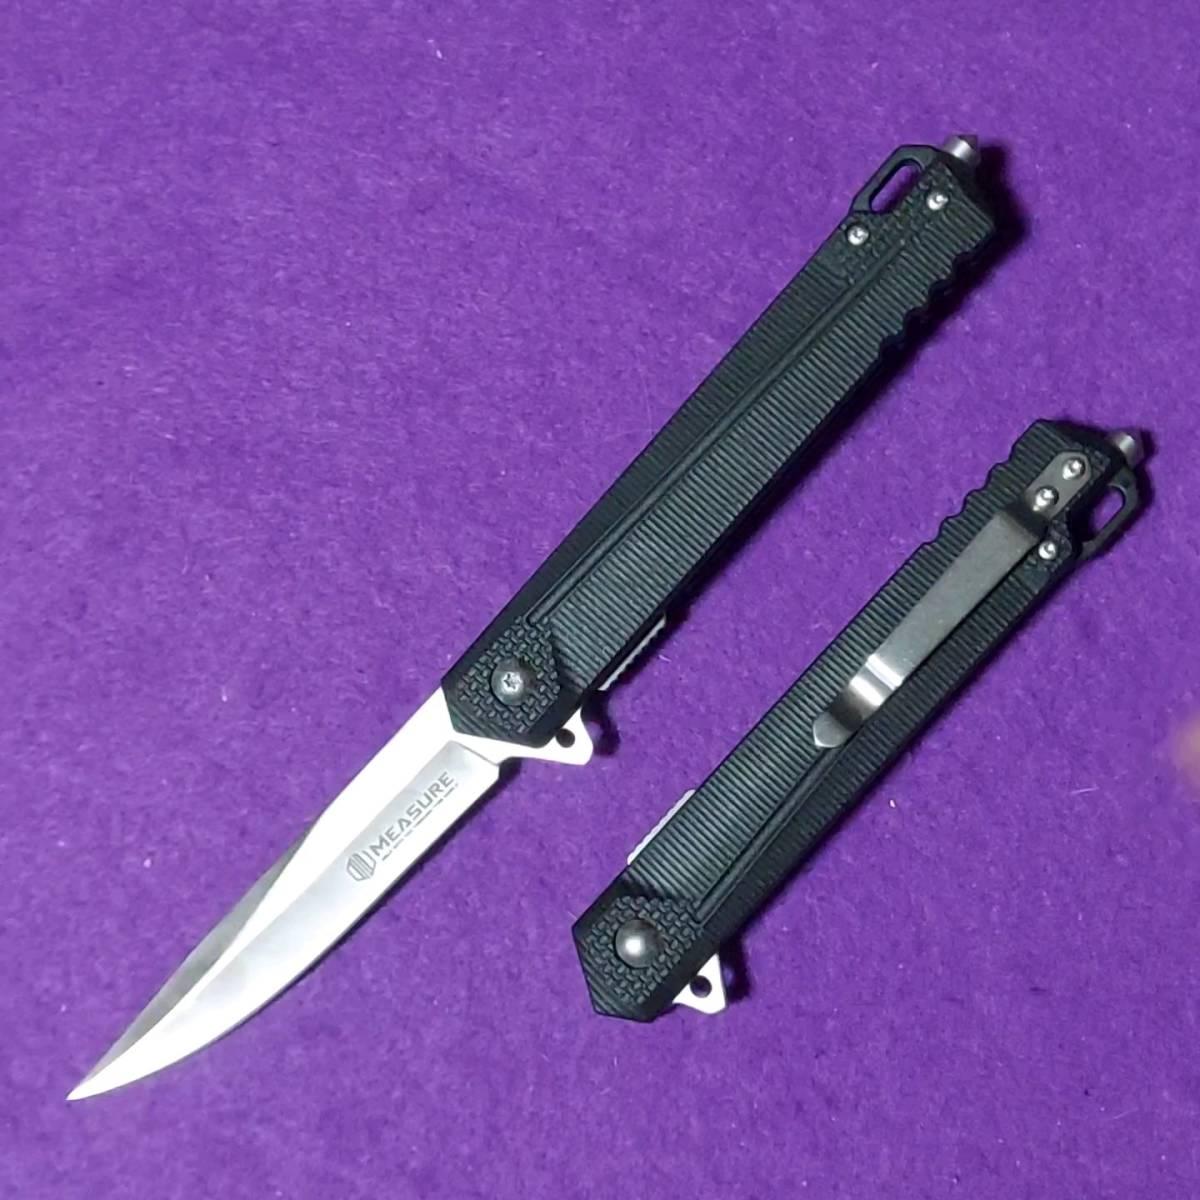 G10 フォールディングナイフ ボールベアリング 折り畳み式ナイフ フリッパー ドロップ